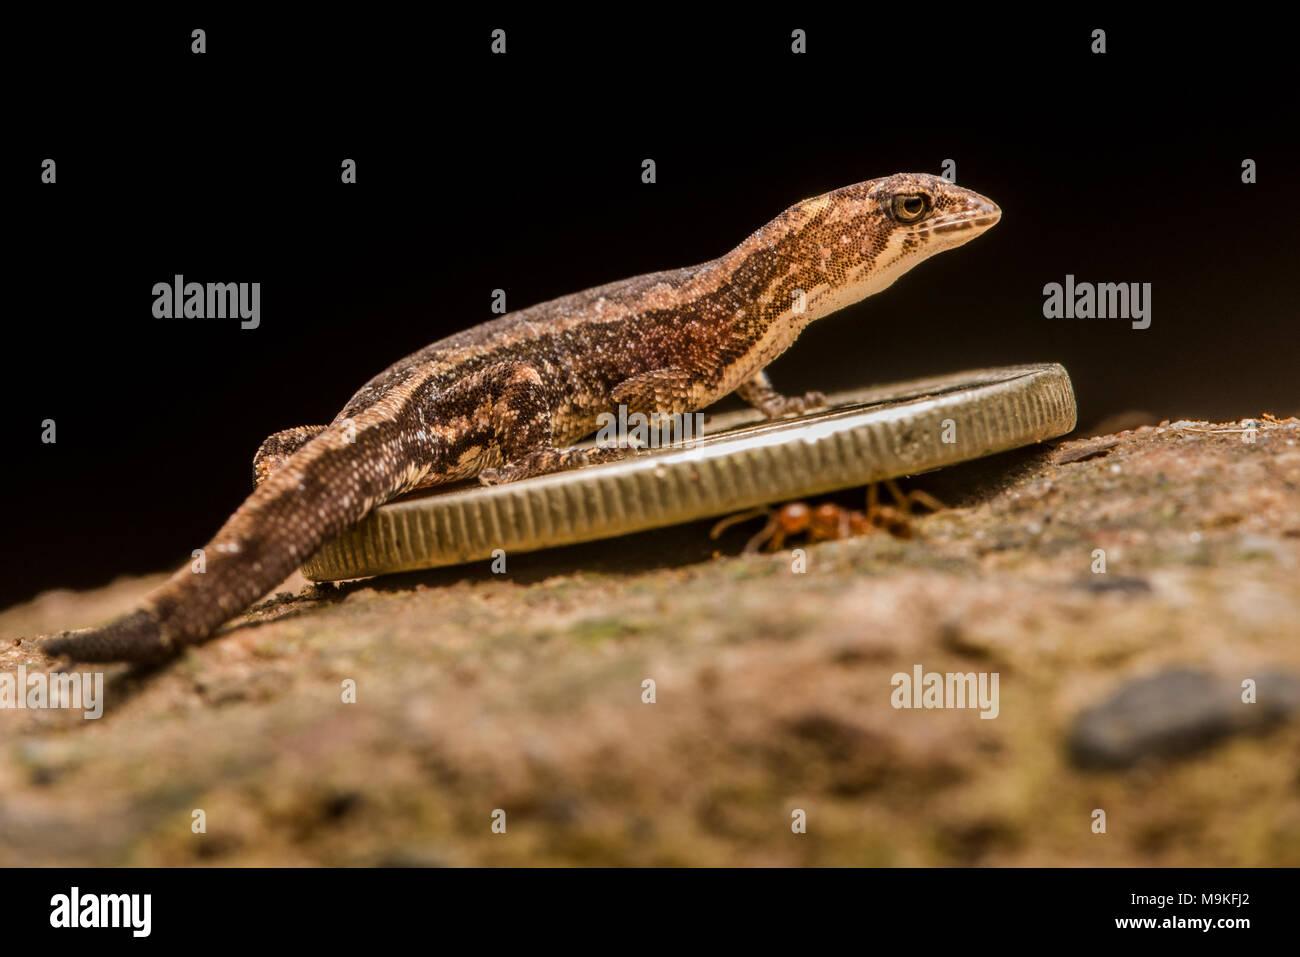 Esta pequeña especie de gecko (Psuedogonatodes sp.) es uno de los más pequeños reptiles y es eclipsado por una pequeña moneda. Foto de stock